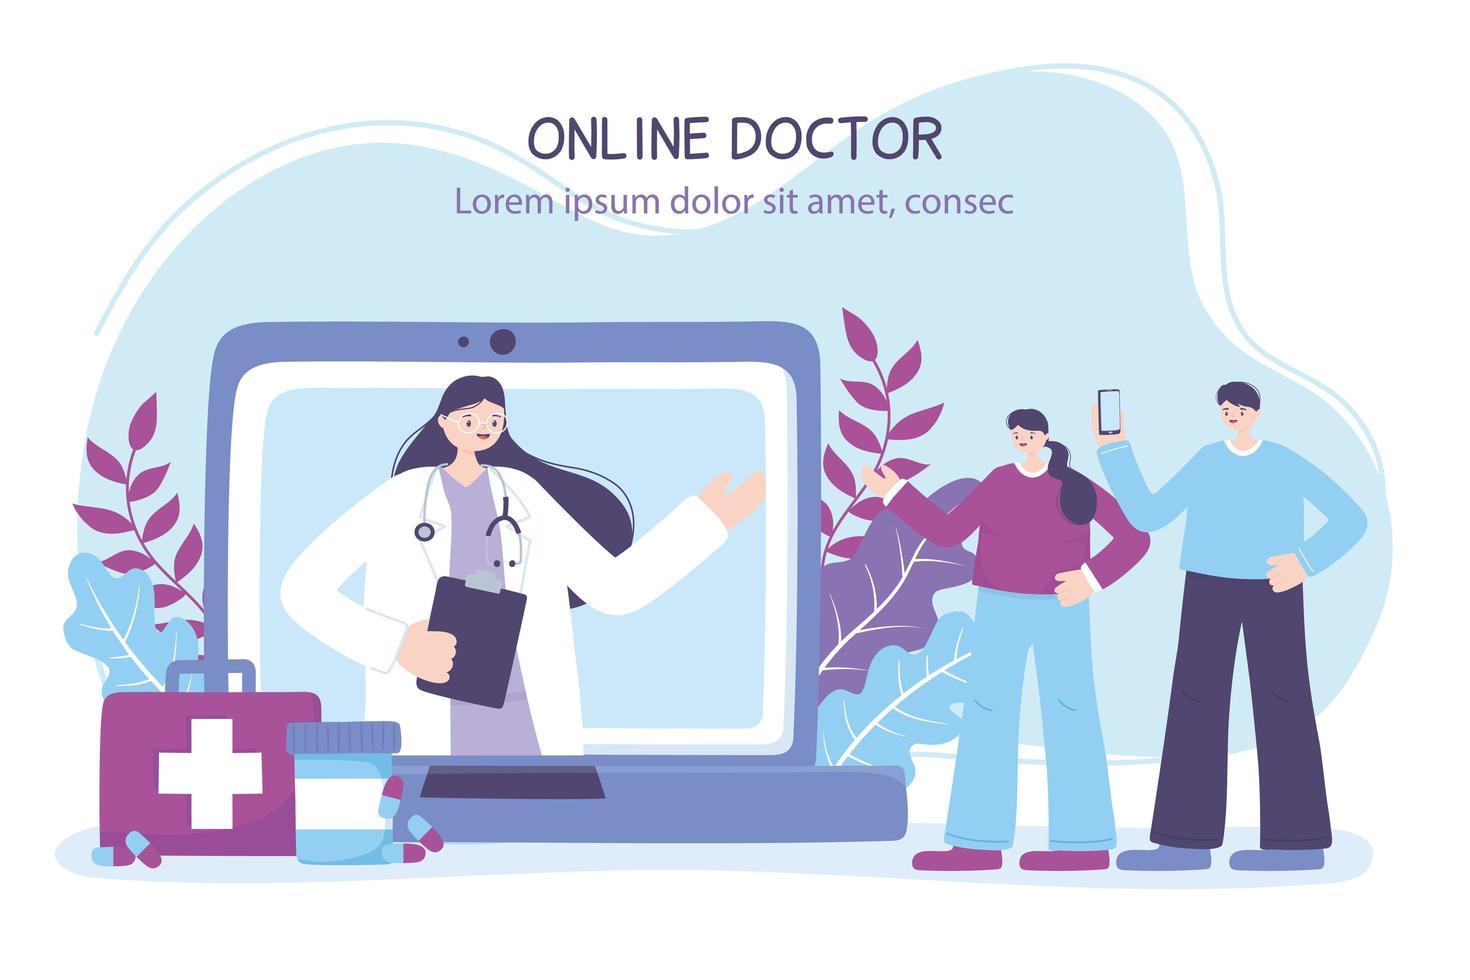 Online-Arzt Banner mit Patienten und Laptop vektor